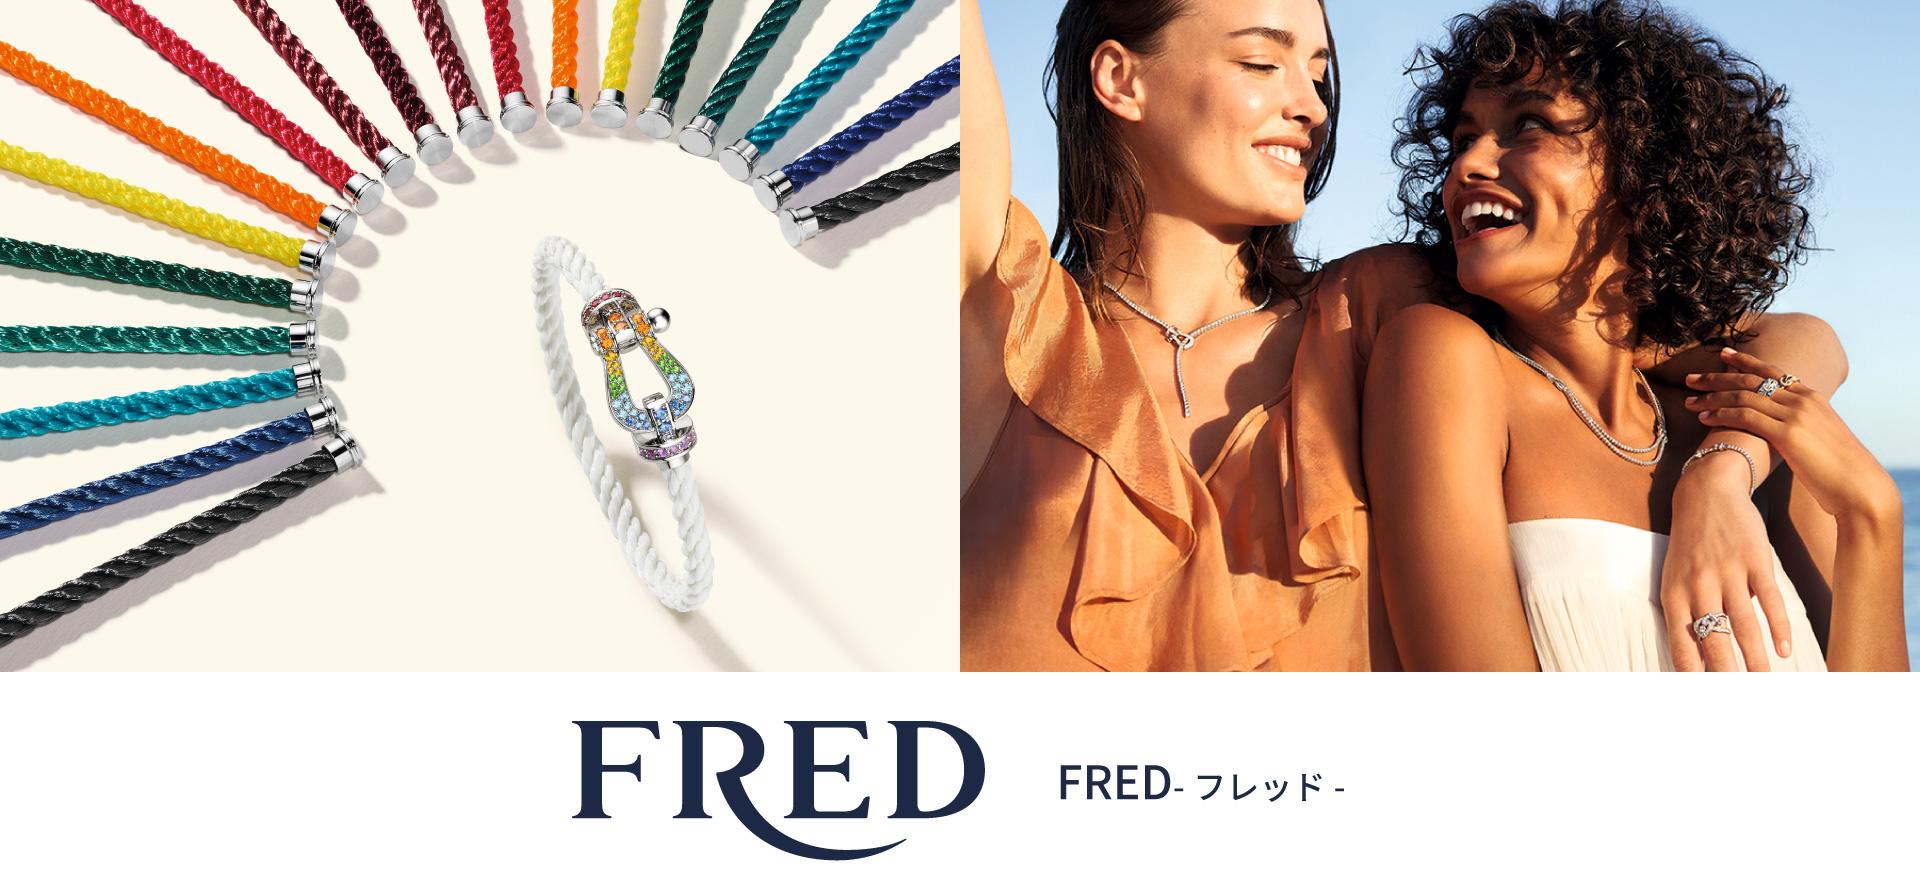 FRED-フレッド-